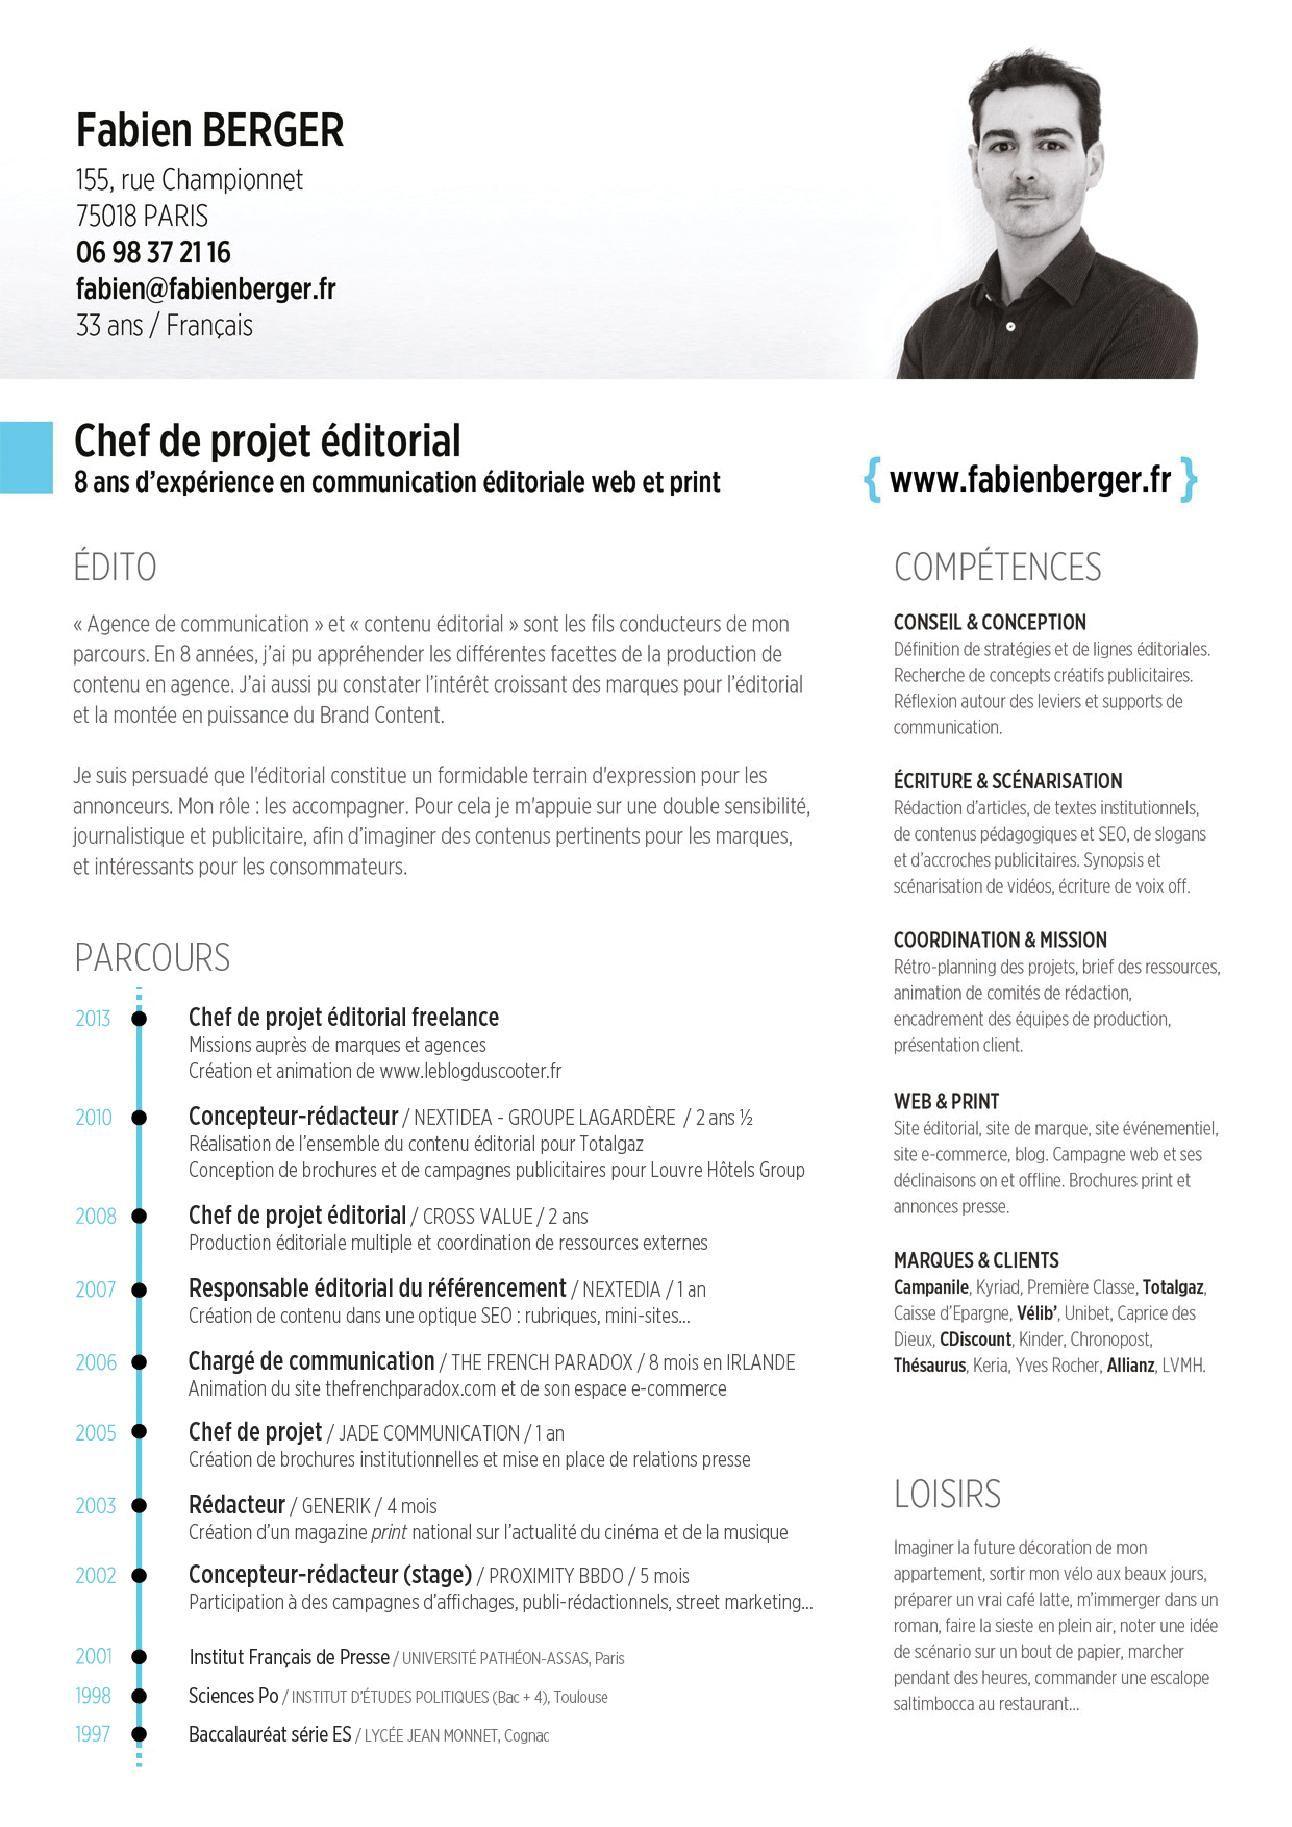 Cv Type Chef De Projet Modeles De Lettres Modele Cv Chef De Projet Evenementiel